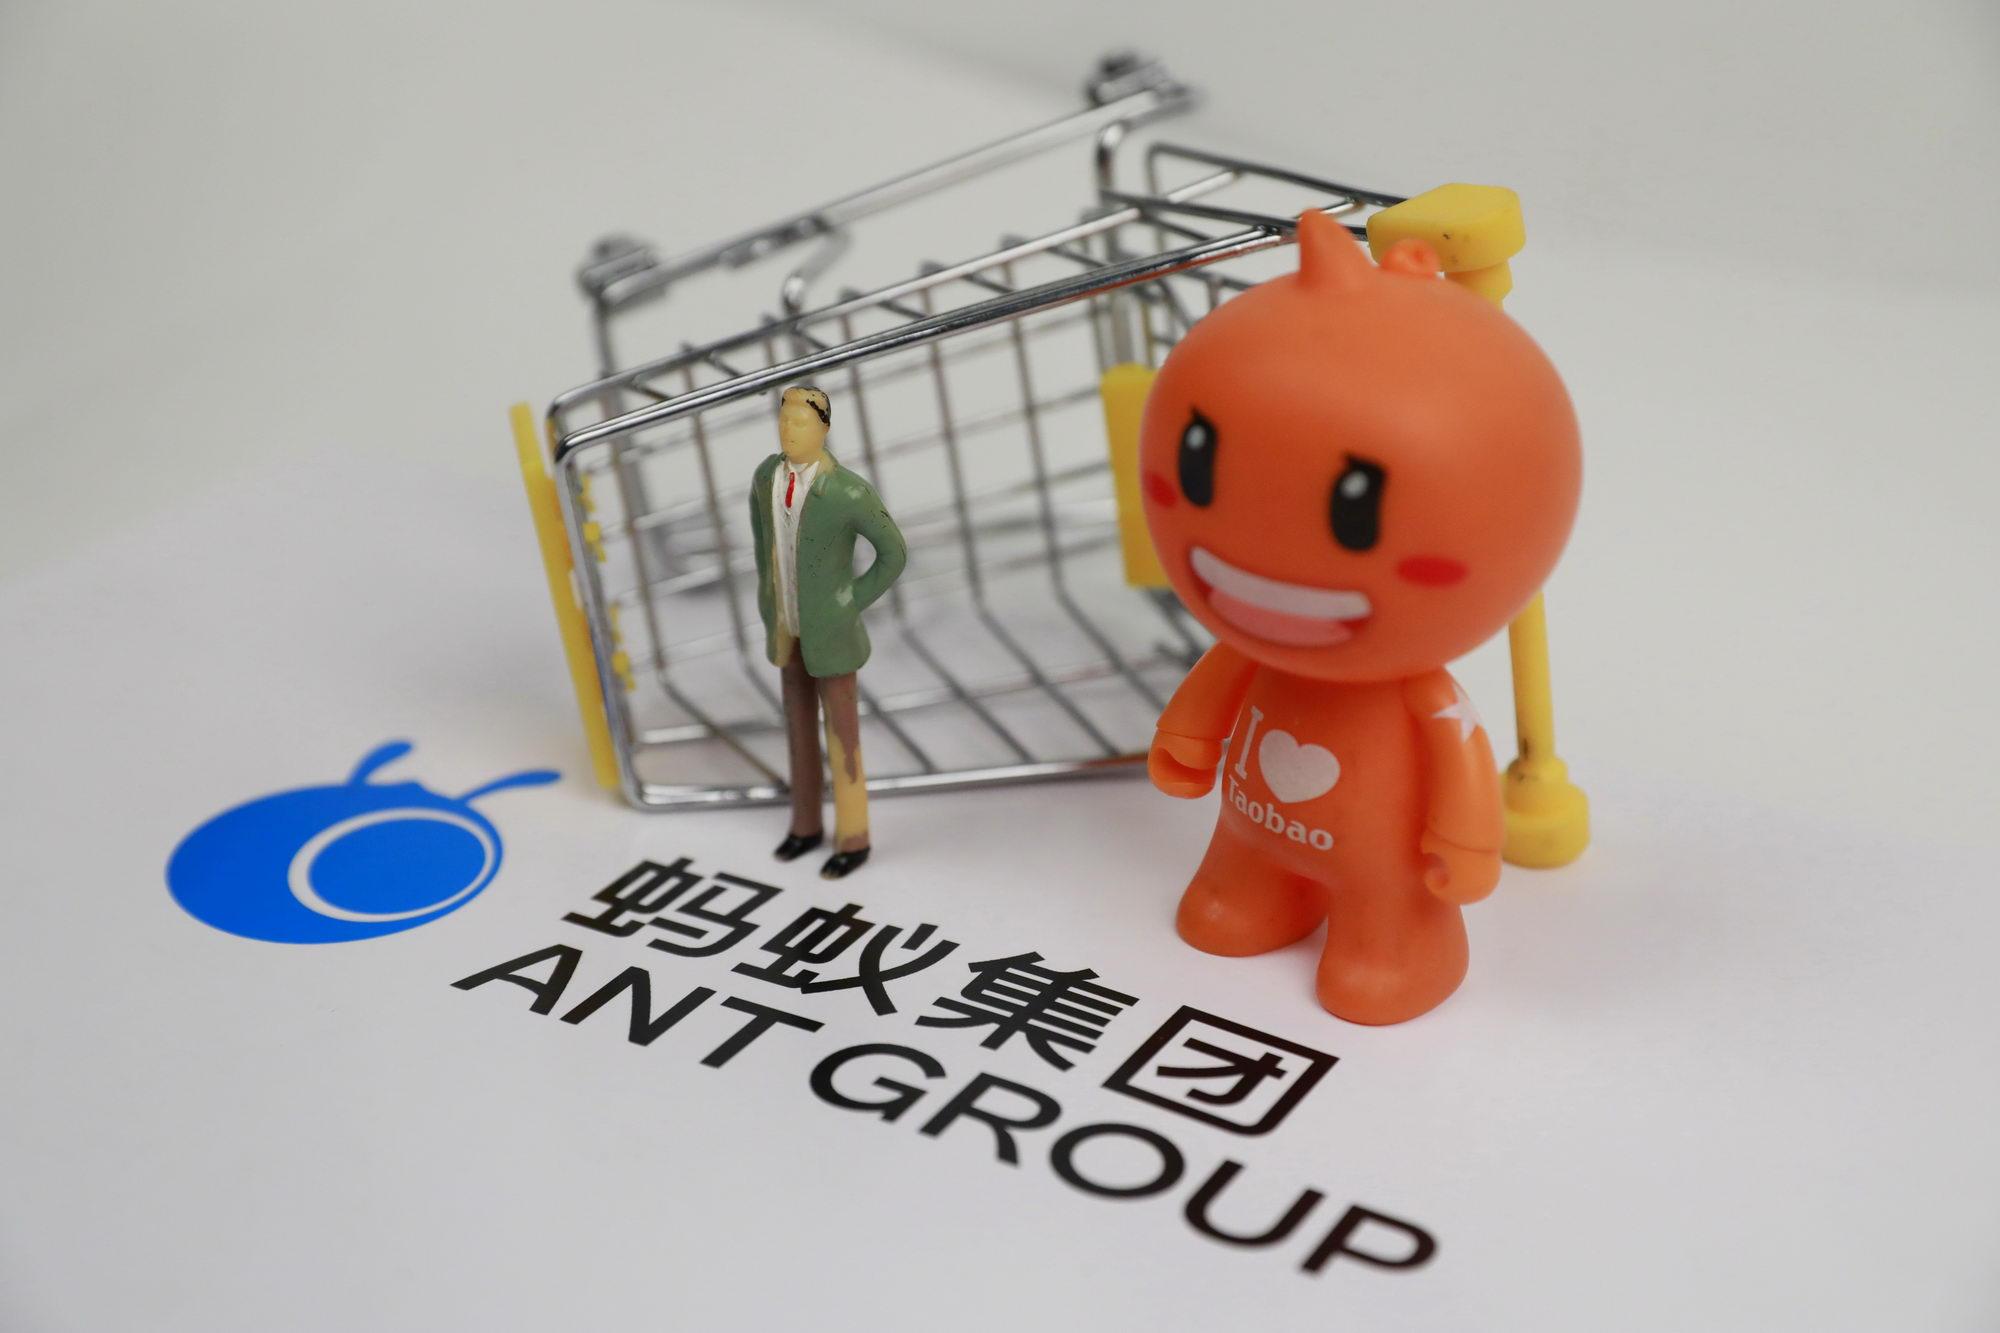 招商局集团与阿里巴巴、蚂蚁集团达成战略合作_零售_电商报